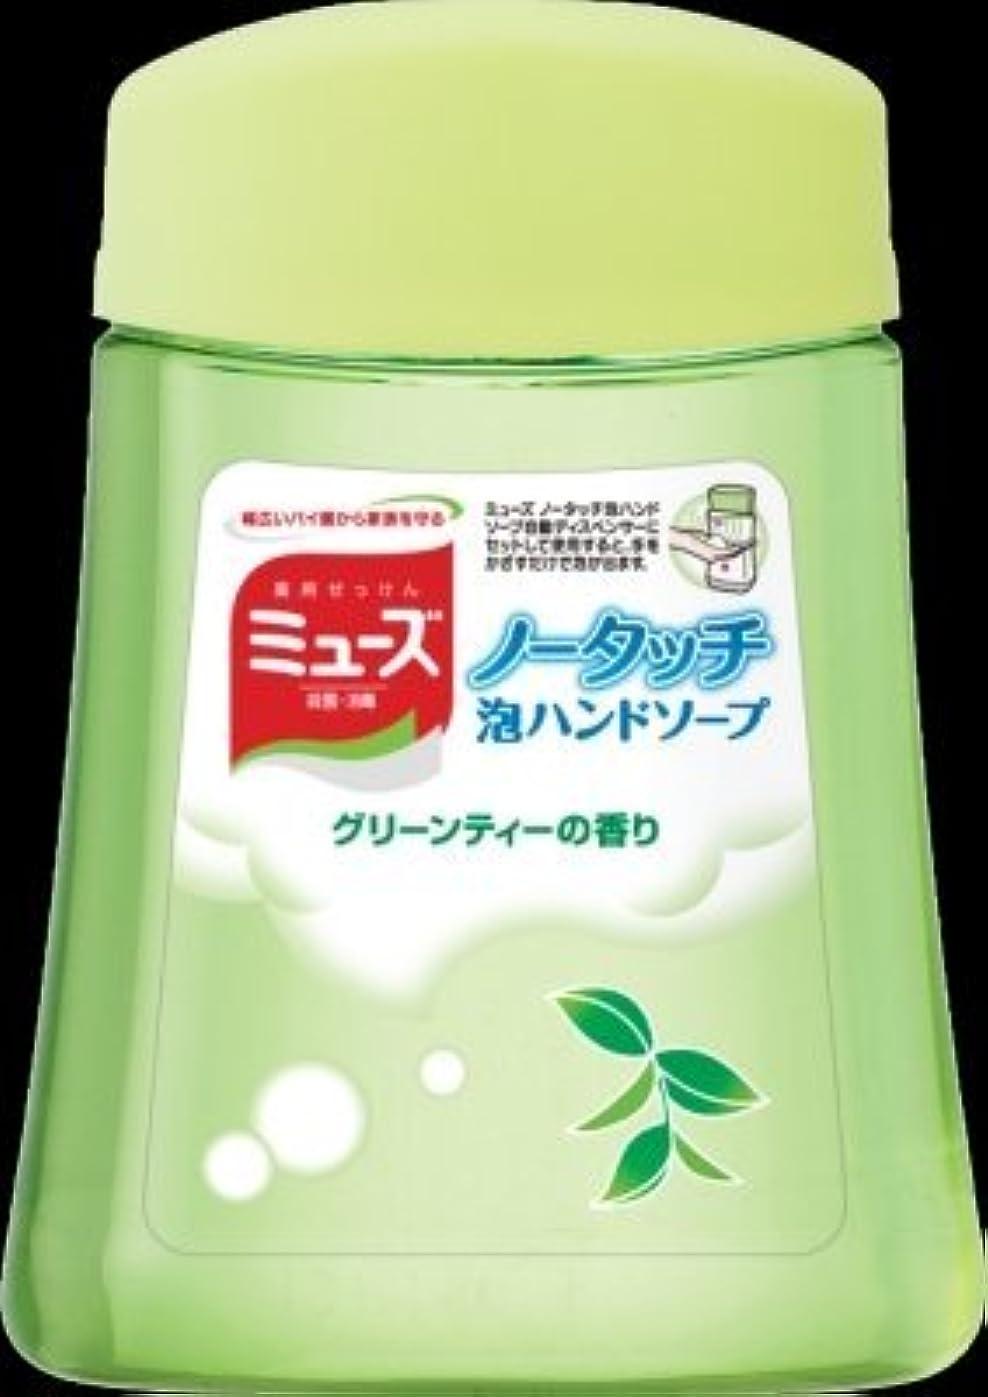 ニコチン密チャームミューズ ノータッチ 詰替 グリーンティー 250ml【12個セット】